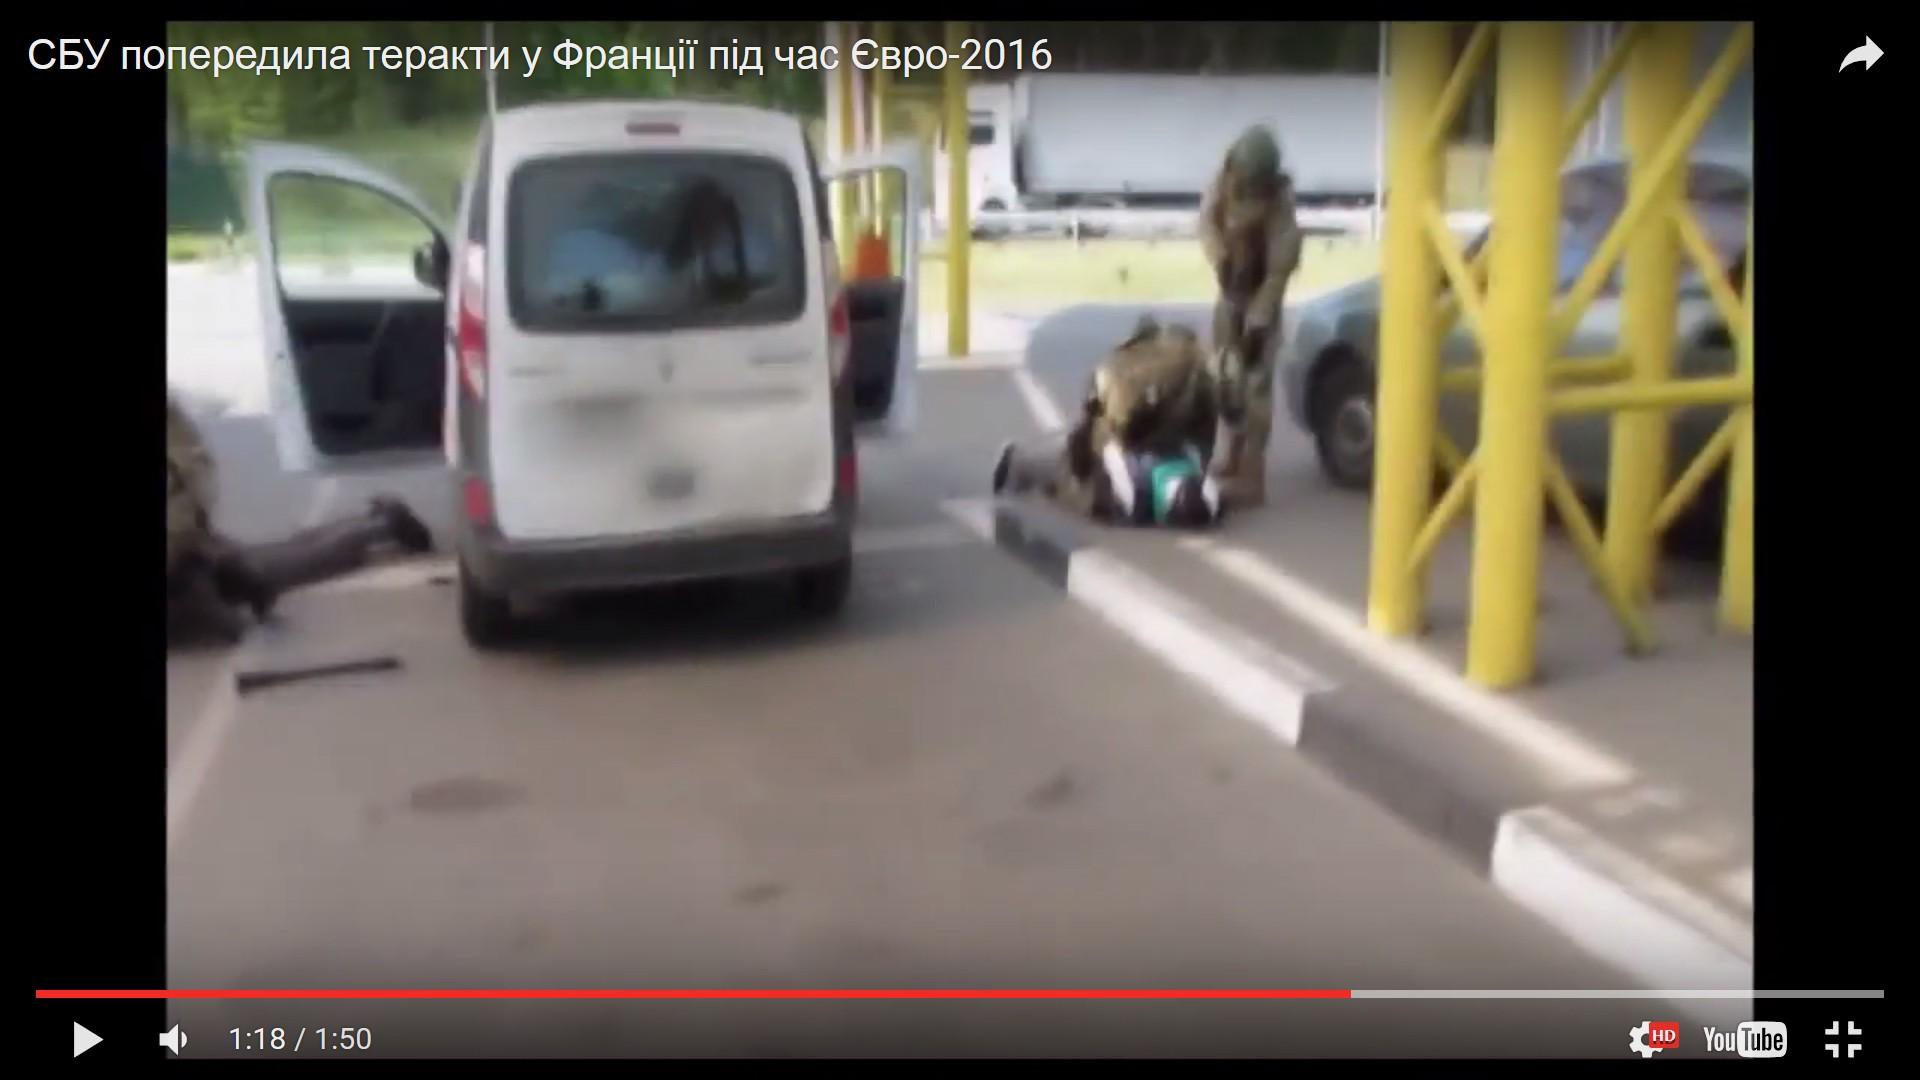 Franzose in der Ukraine festgenommen - Codierten Nachrichten auf der Spur Gr410